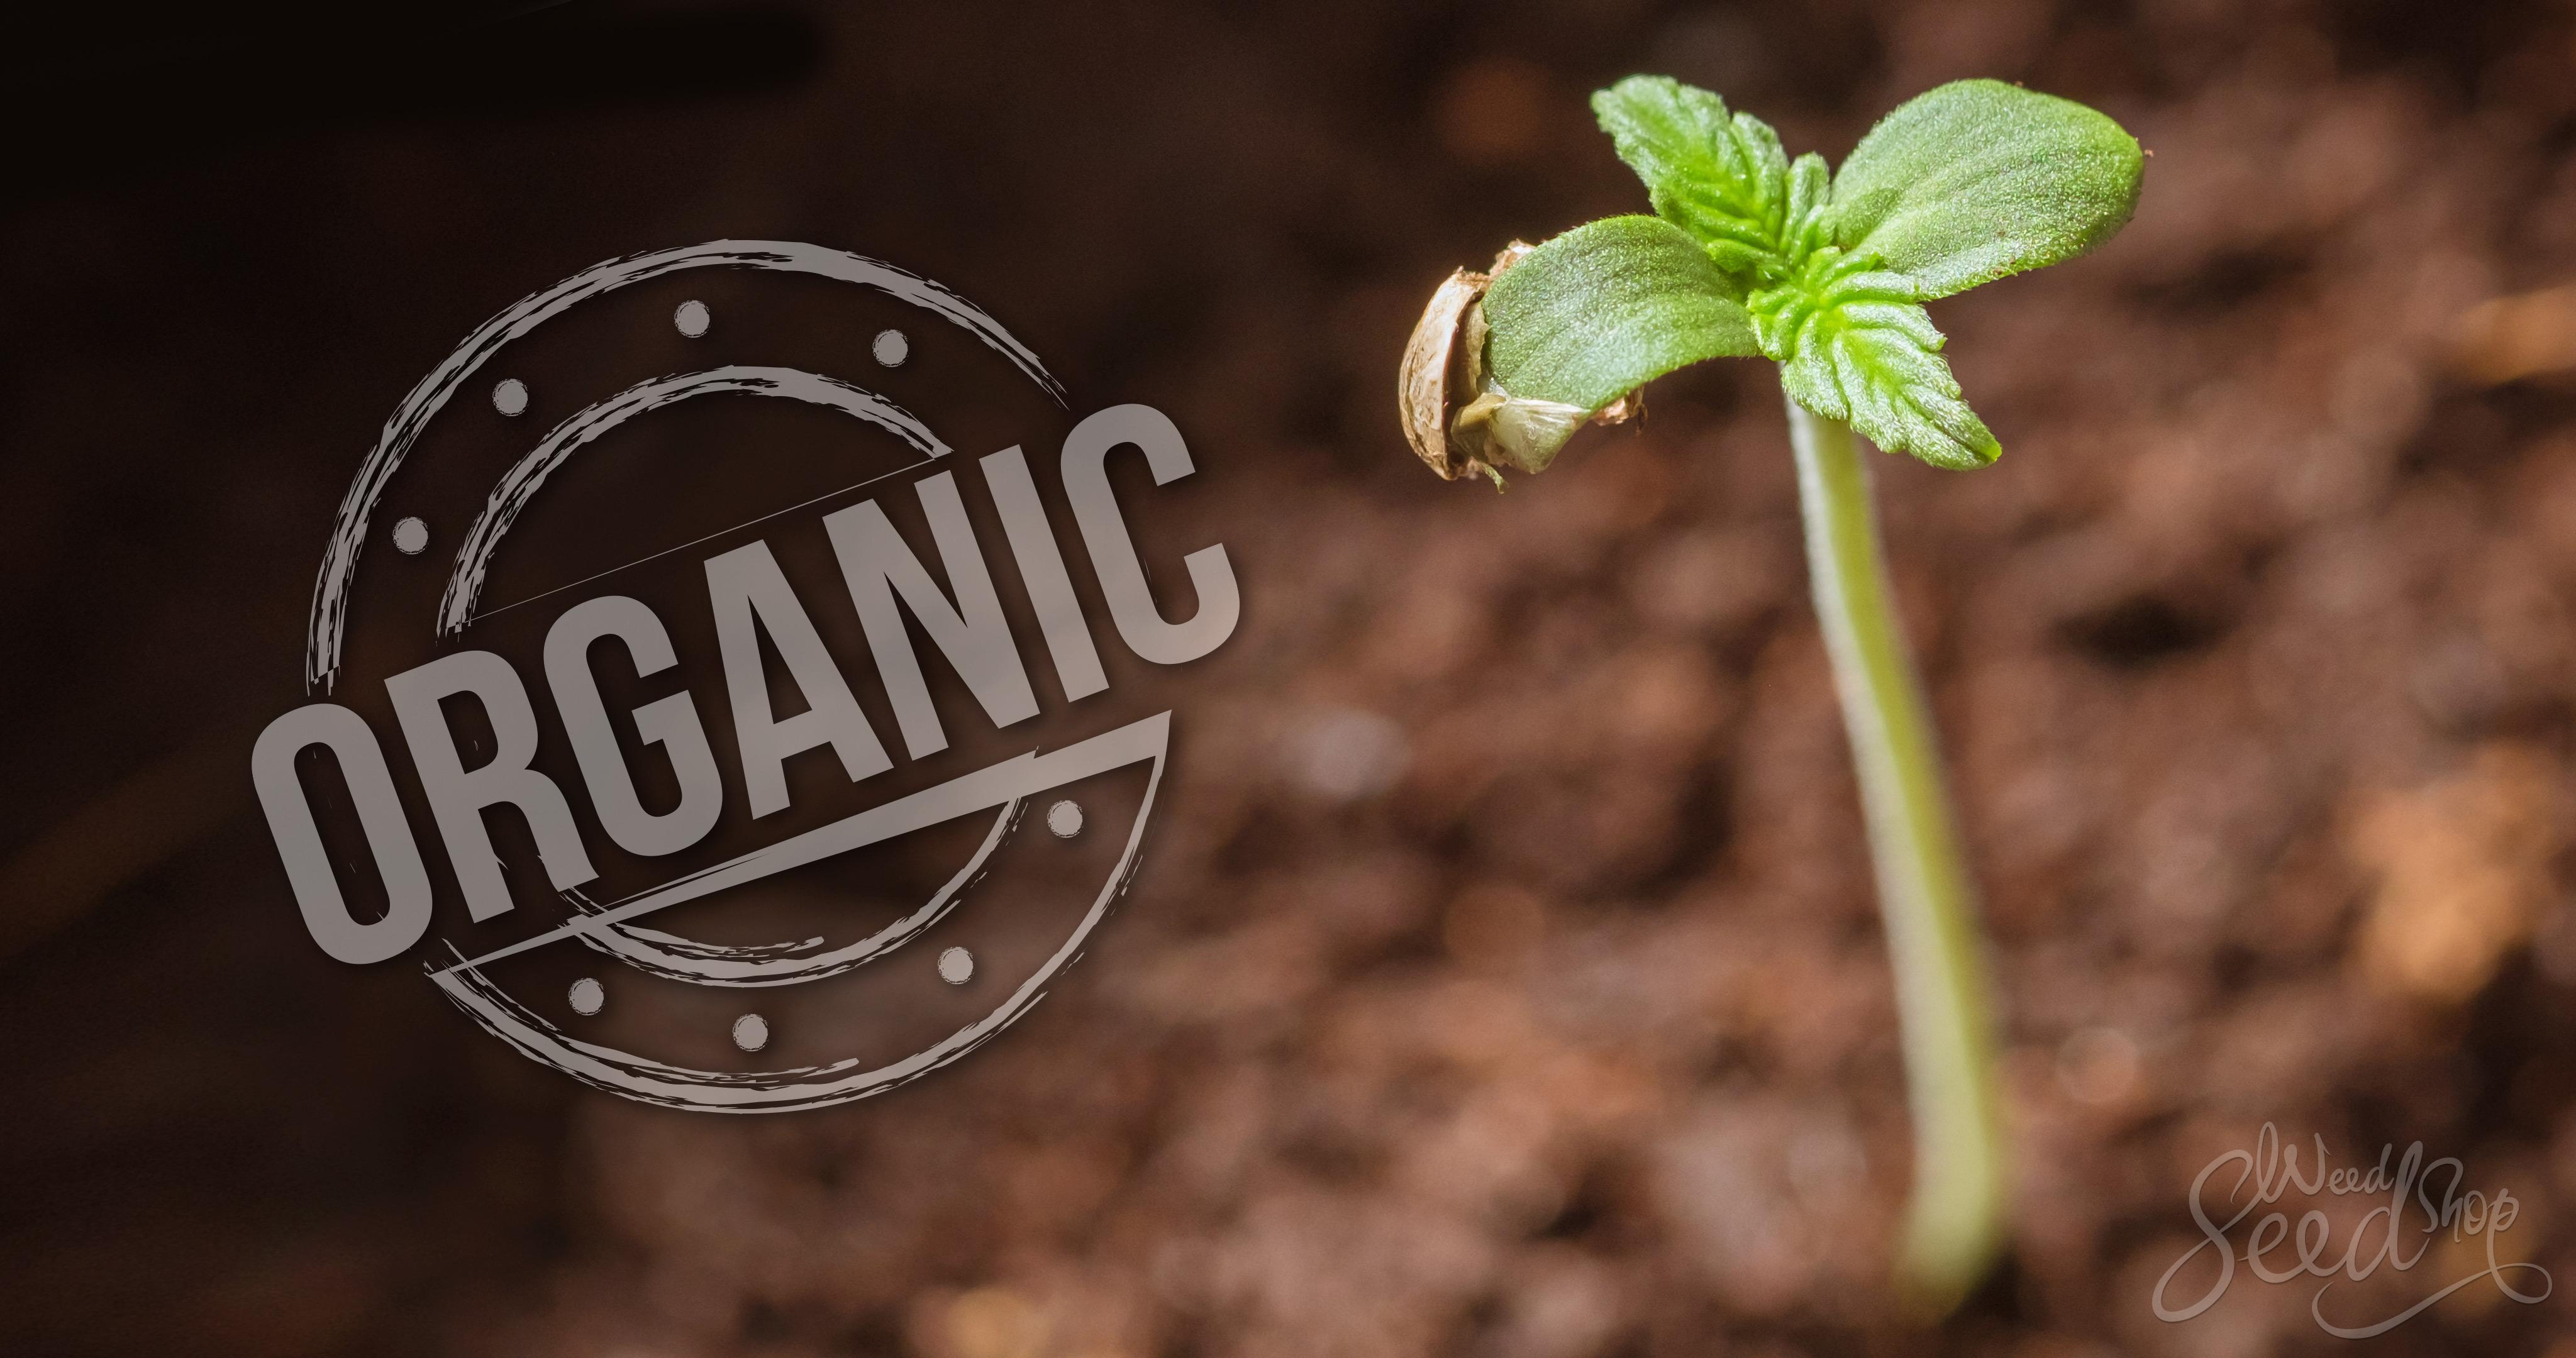 Niet alle cannabis wordt veganistisch geteeld - WeedSeedShop Blog